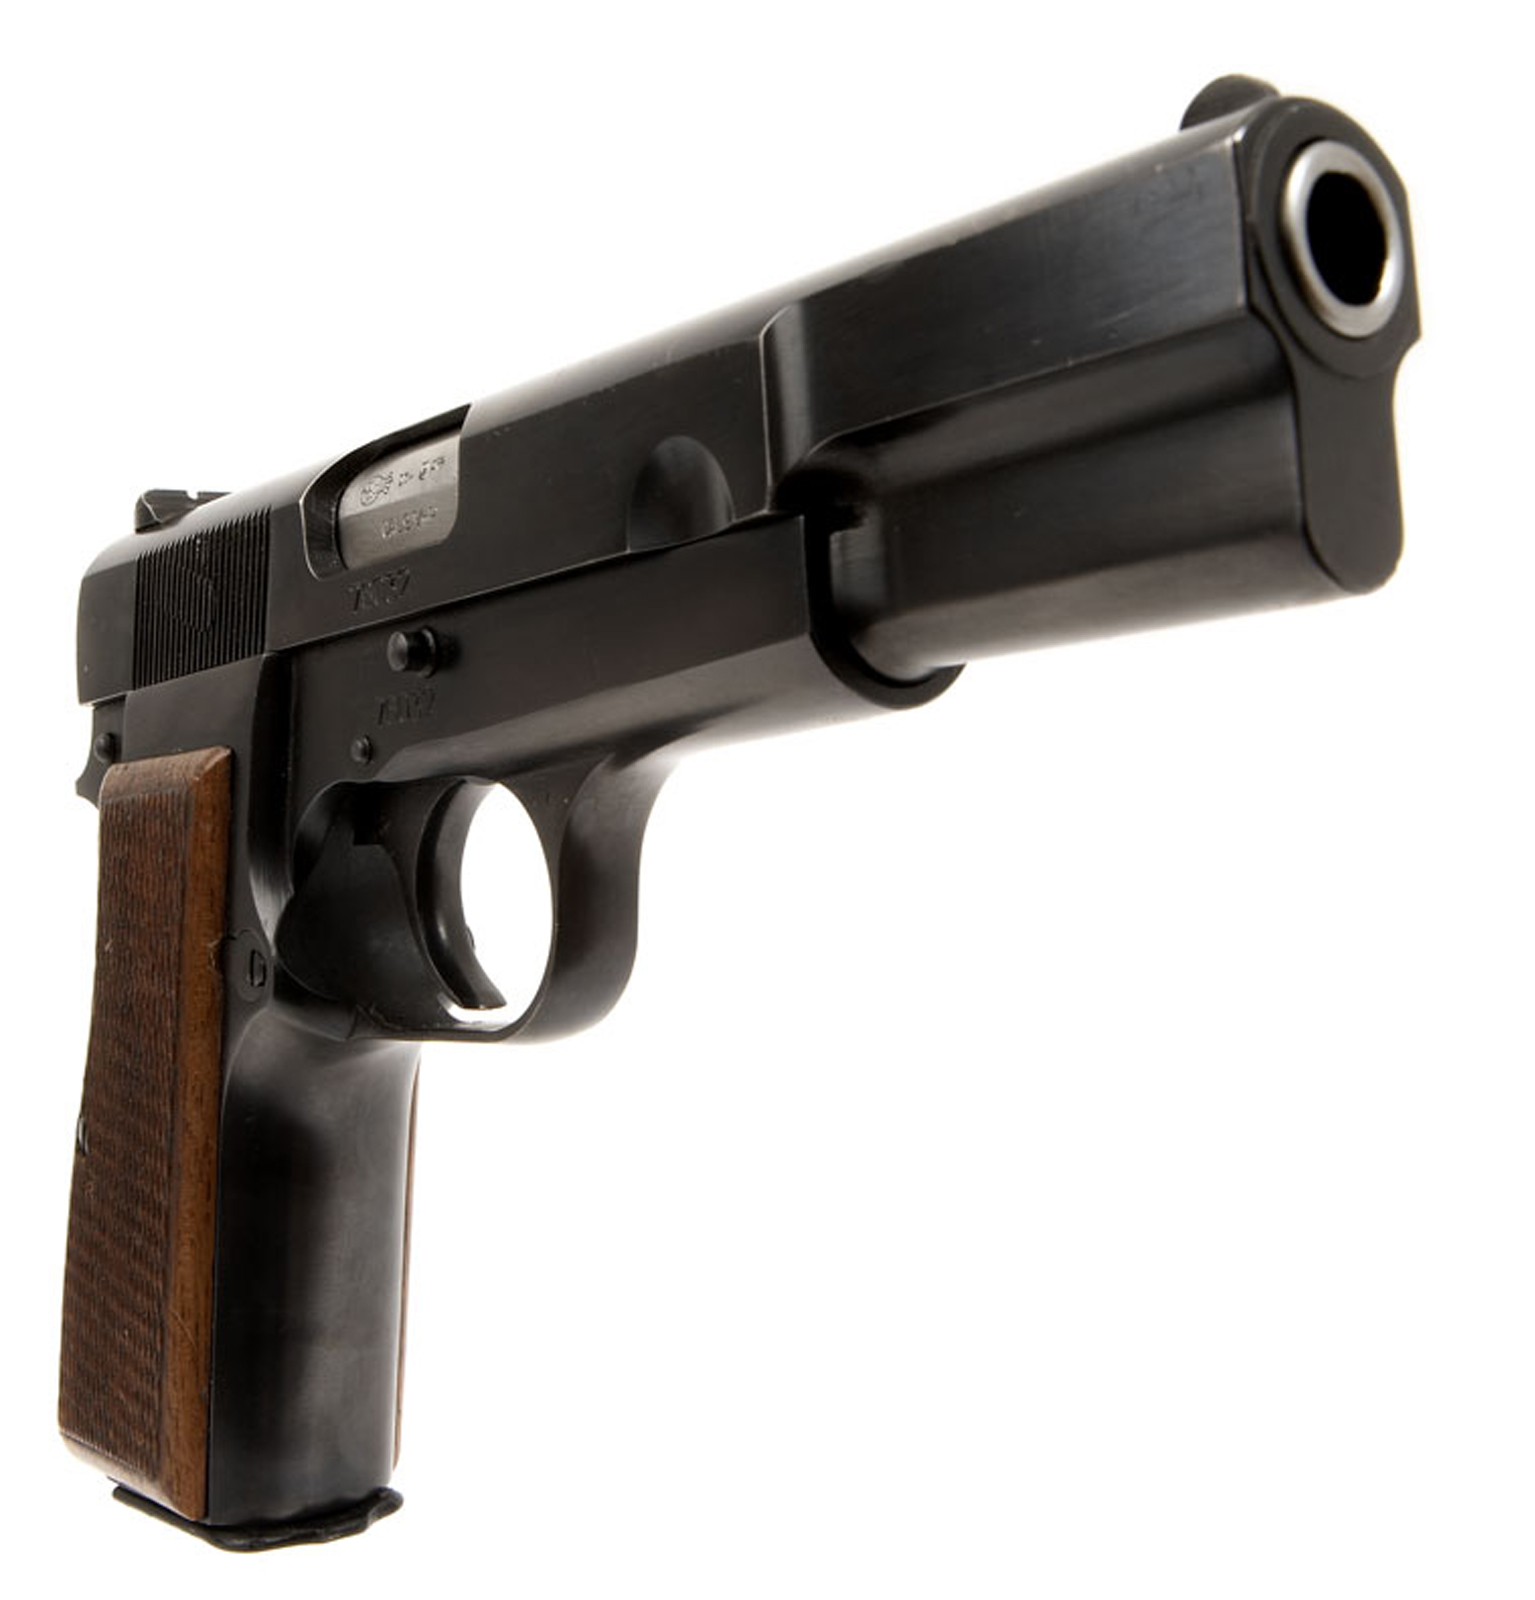 http://1.bp.blogspot.com/-Wr3p2BquooU/Tmnz1zc8-HI/AAAAAAAAC6E/J5gvGS_dPzo/s1600/browning_gun_pistols_revolver_www.Vvallpaper.net.jpg